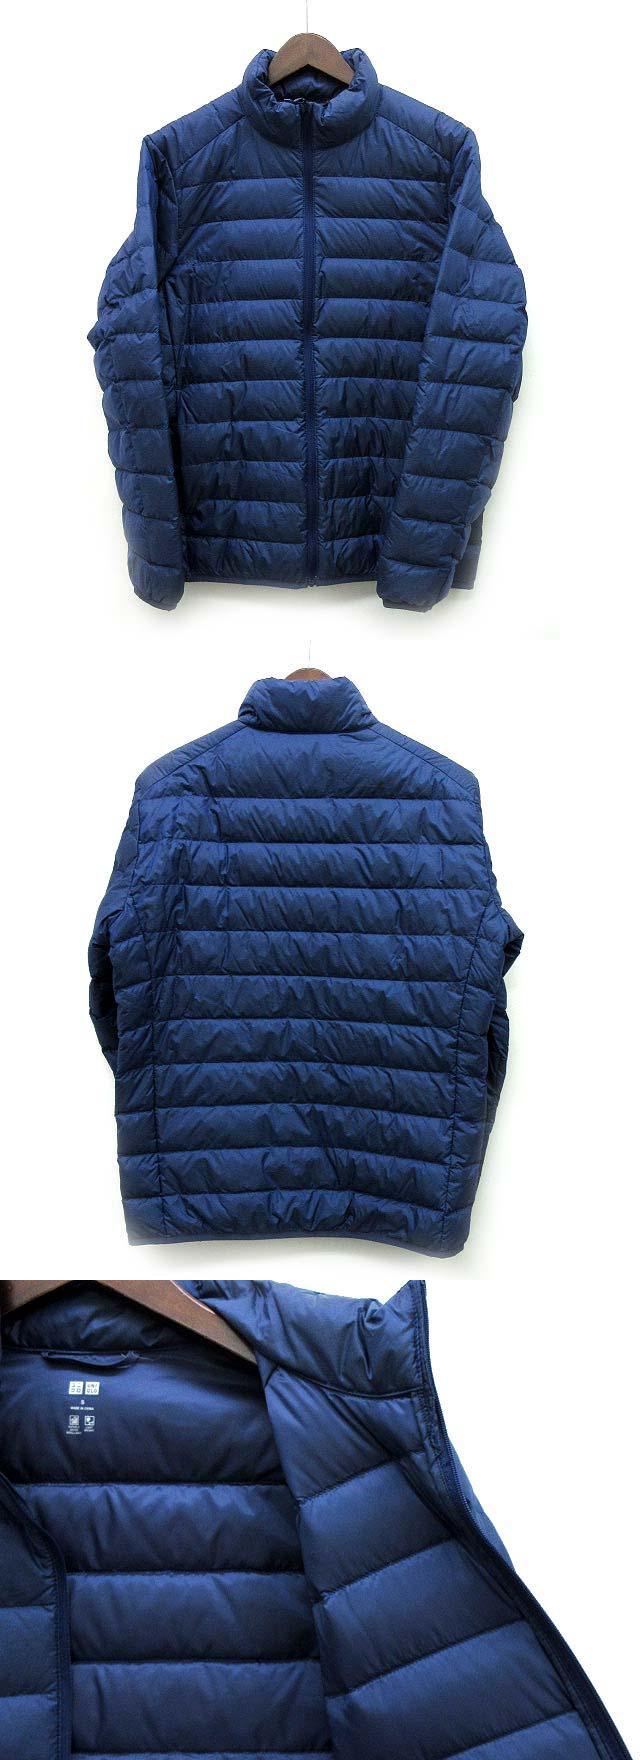 ウルトラライト ダウン ジャケット ジップアップ ネイビー 紺 S